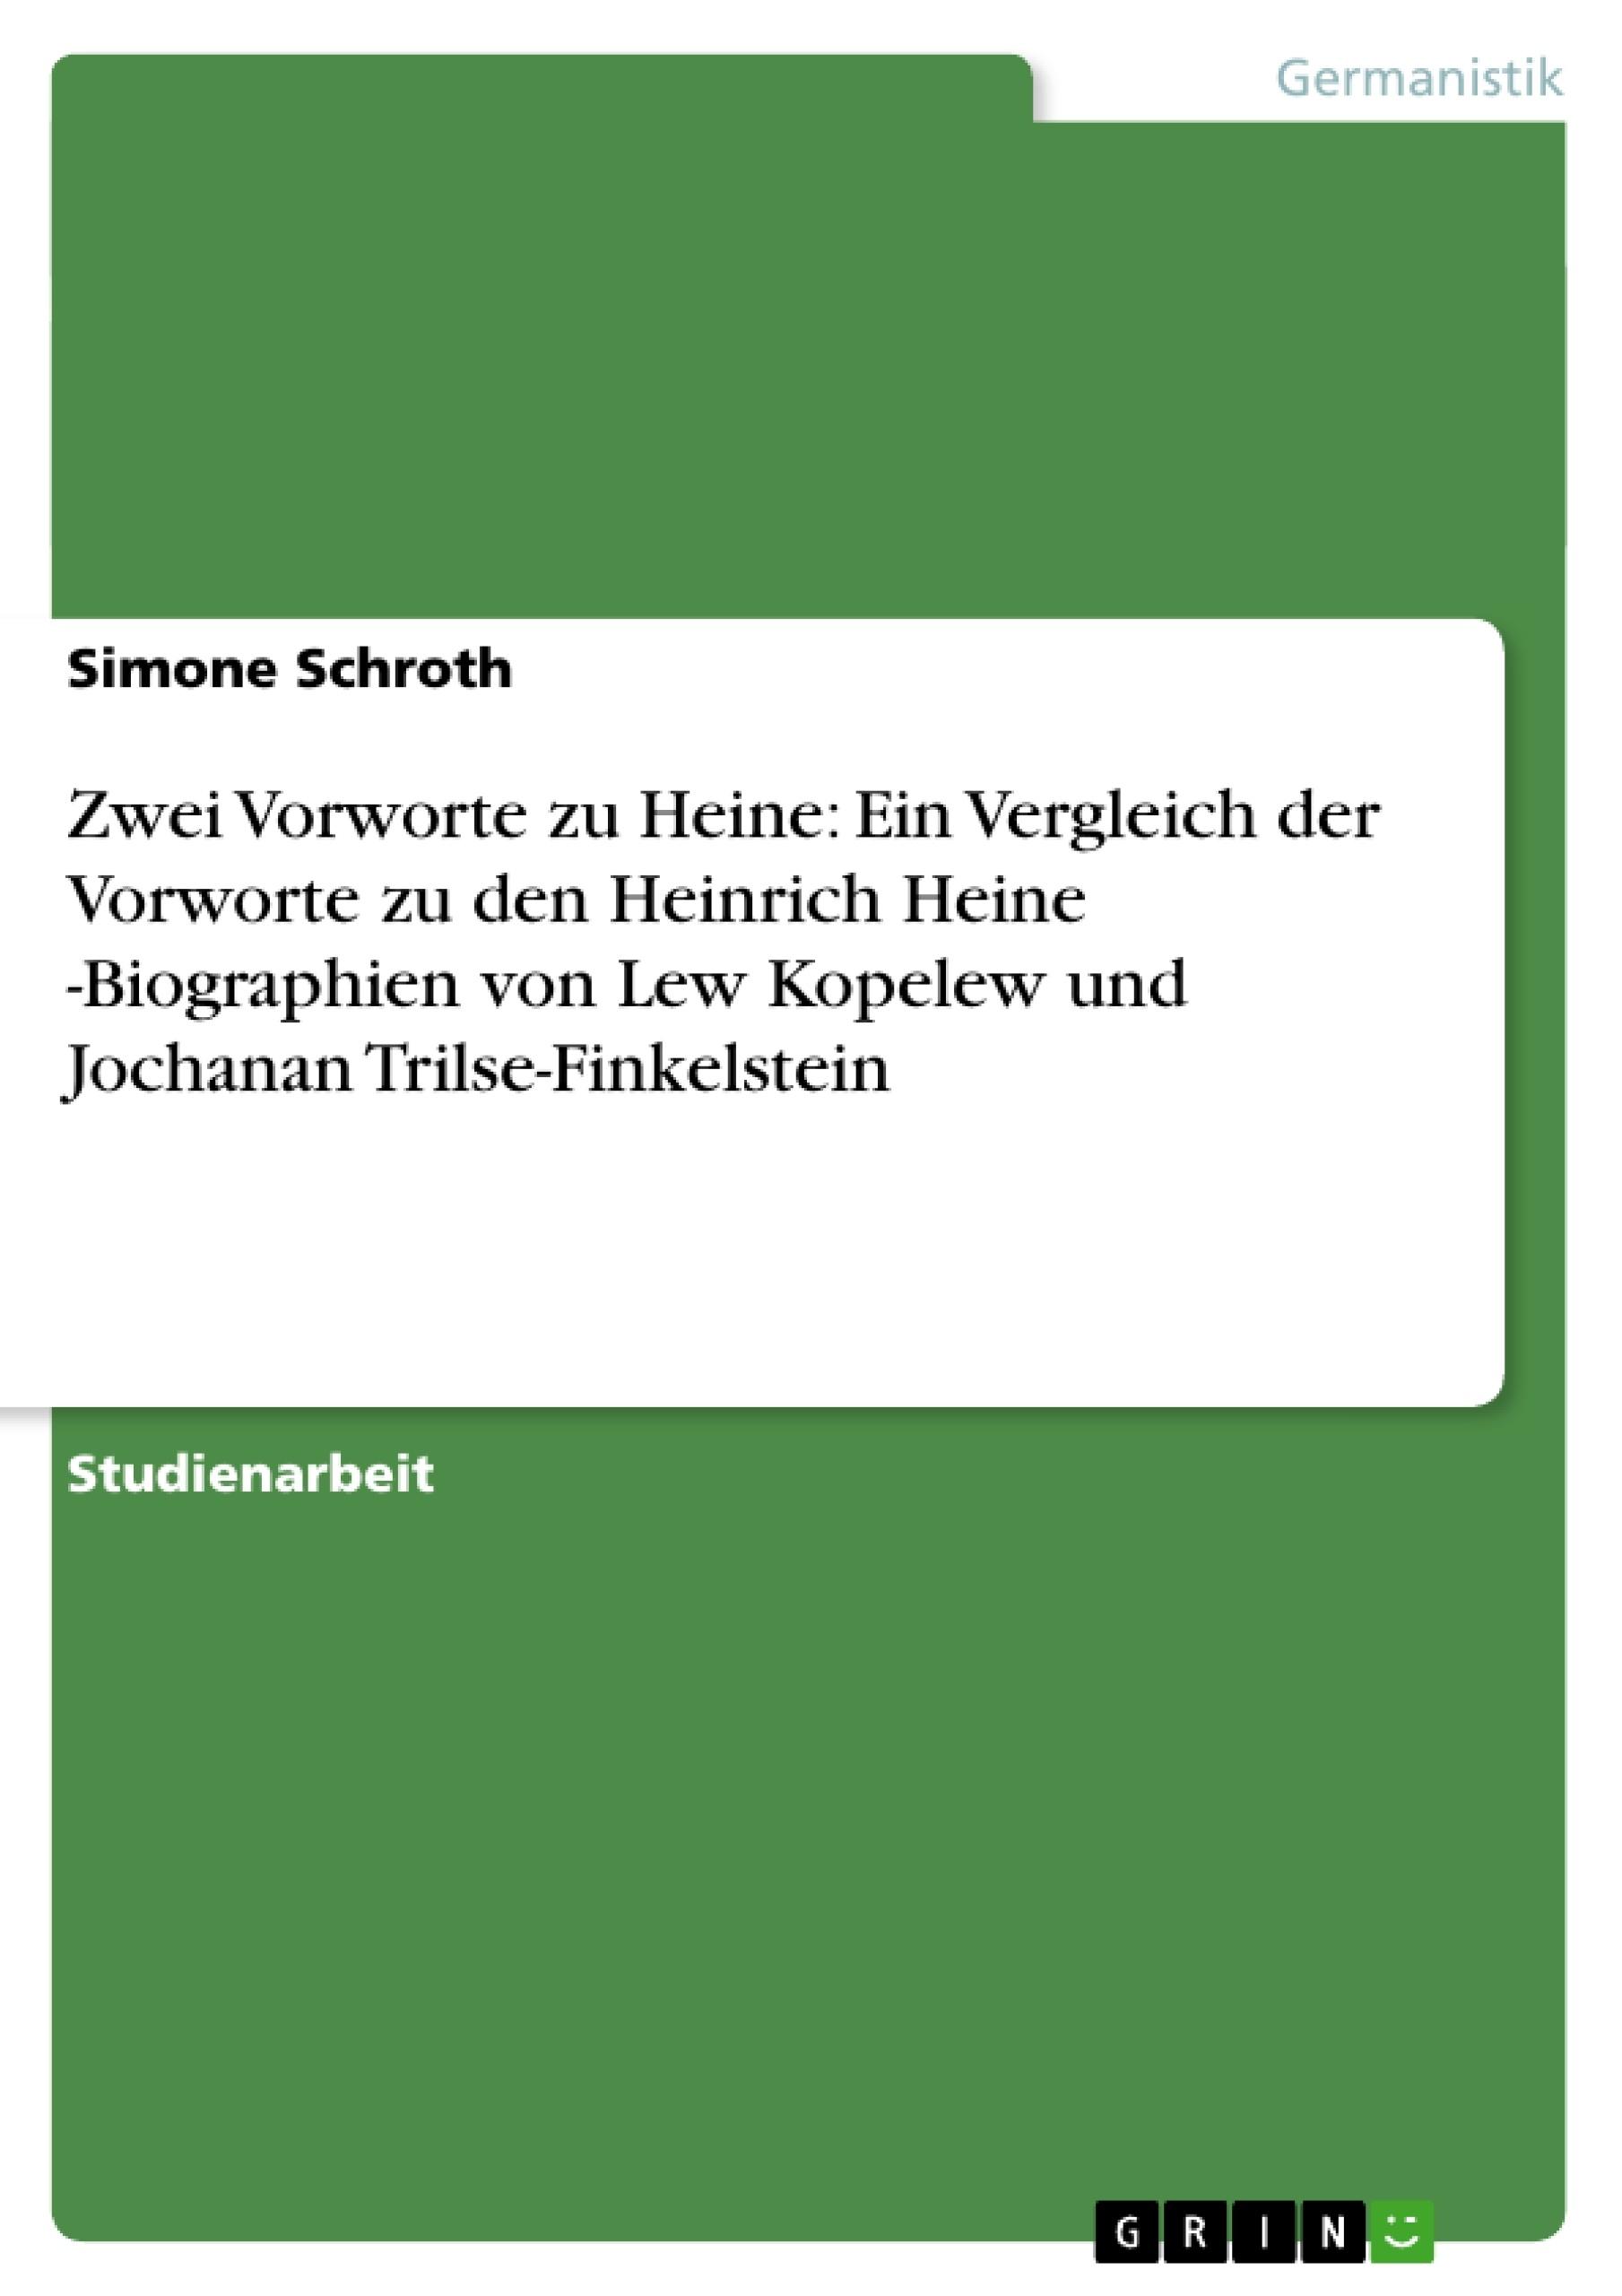 Titel: Zwei Vorworte zu Heine: Ein Vergleich der Vorworte zu den Heinrich Heine -Biographien von Lew Kopelew und Jochanan Trilse-Finkelstein